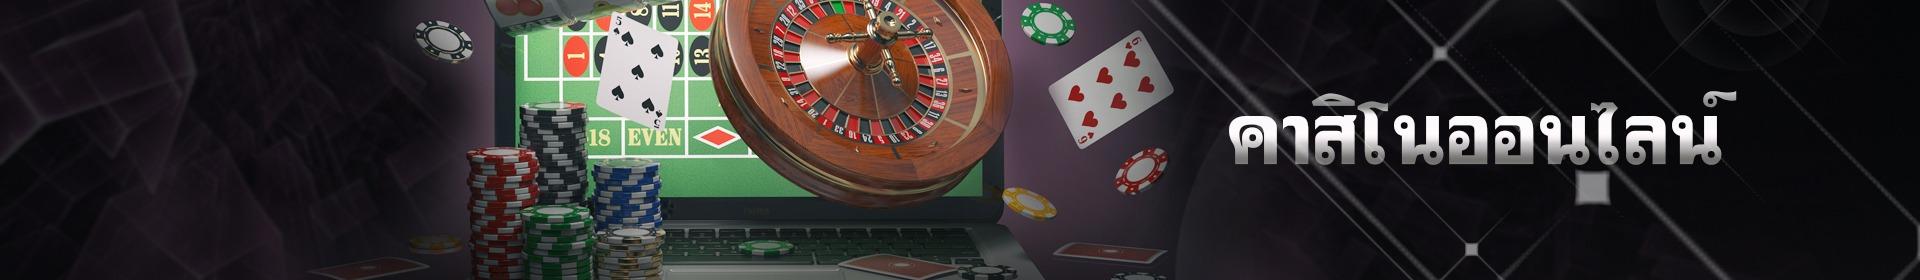 คาสิโนออนไลน์ - Online casino LuckyNiki